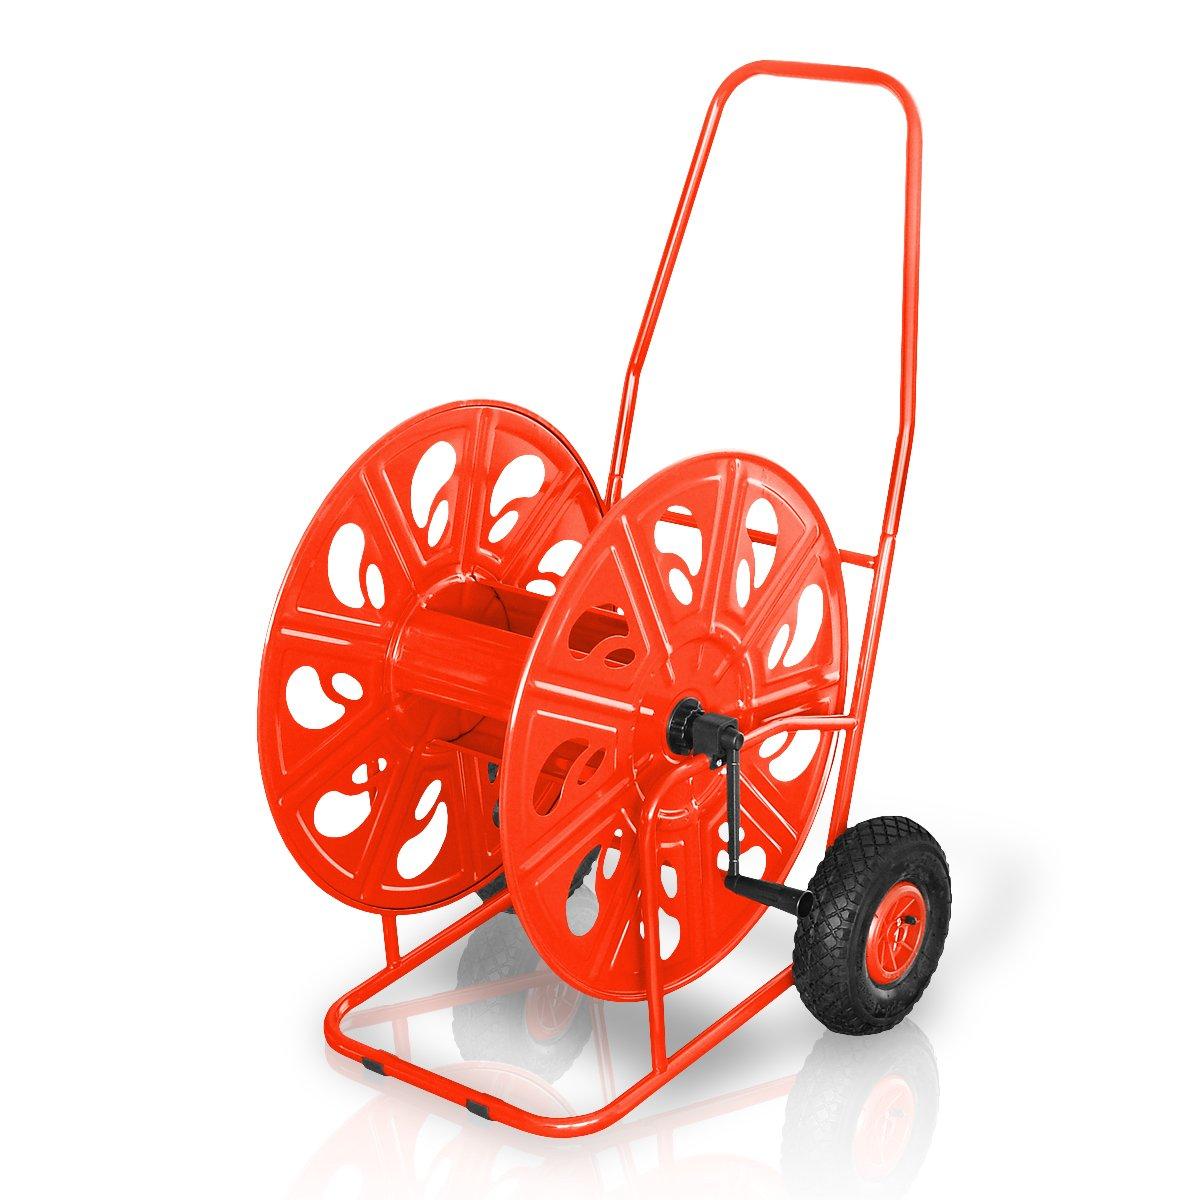 Profi- Schlauchwagen für max. 100m 1 oder 140m 3/4 mit Luftbereifung, Schlauchtrommel